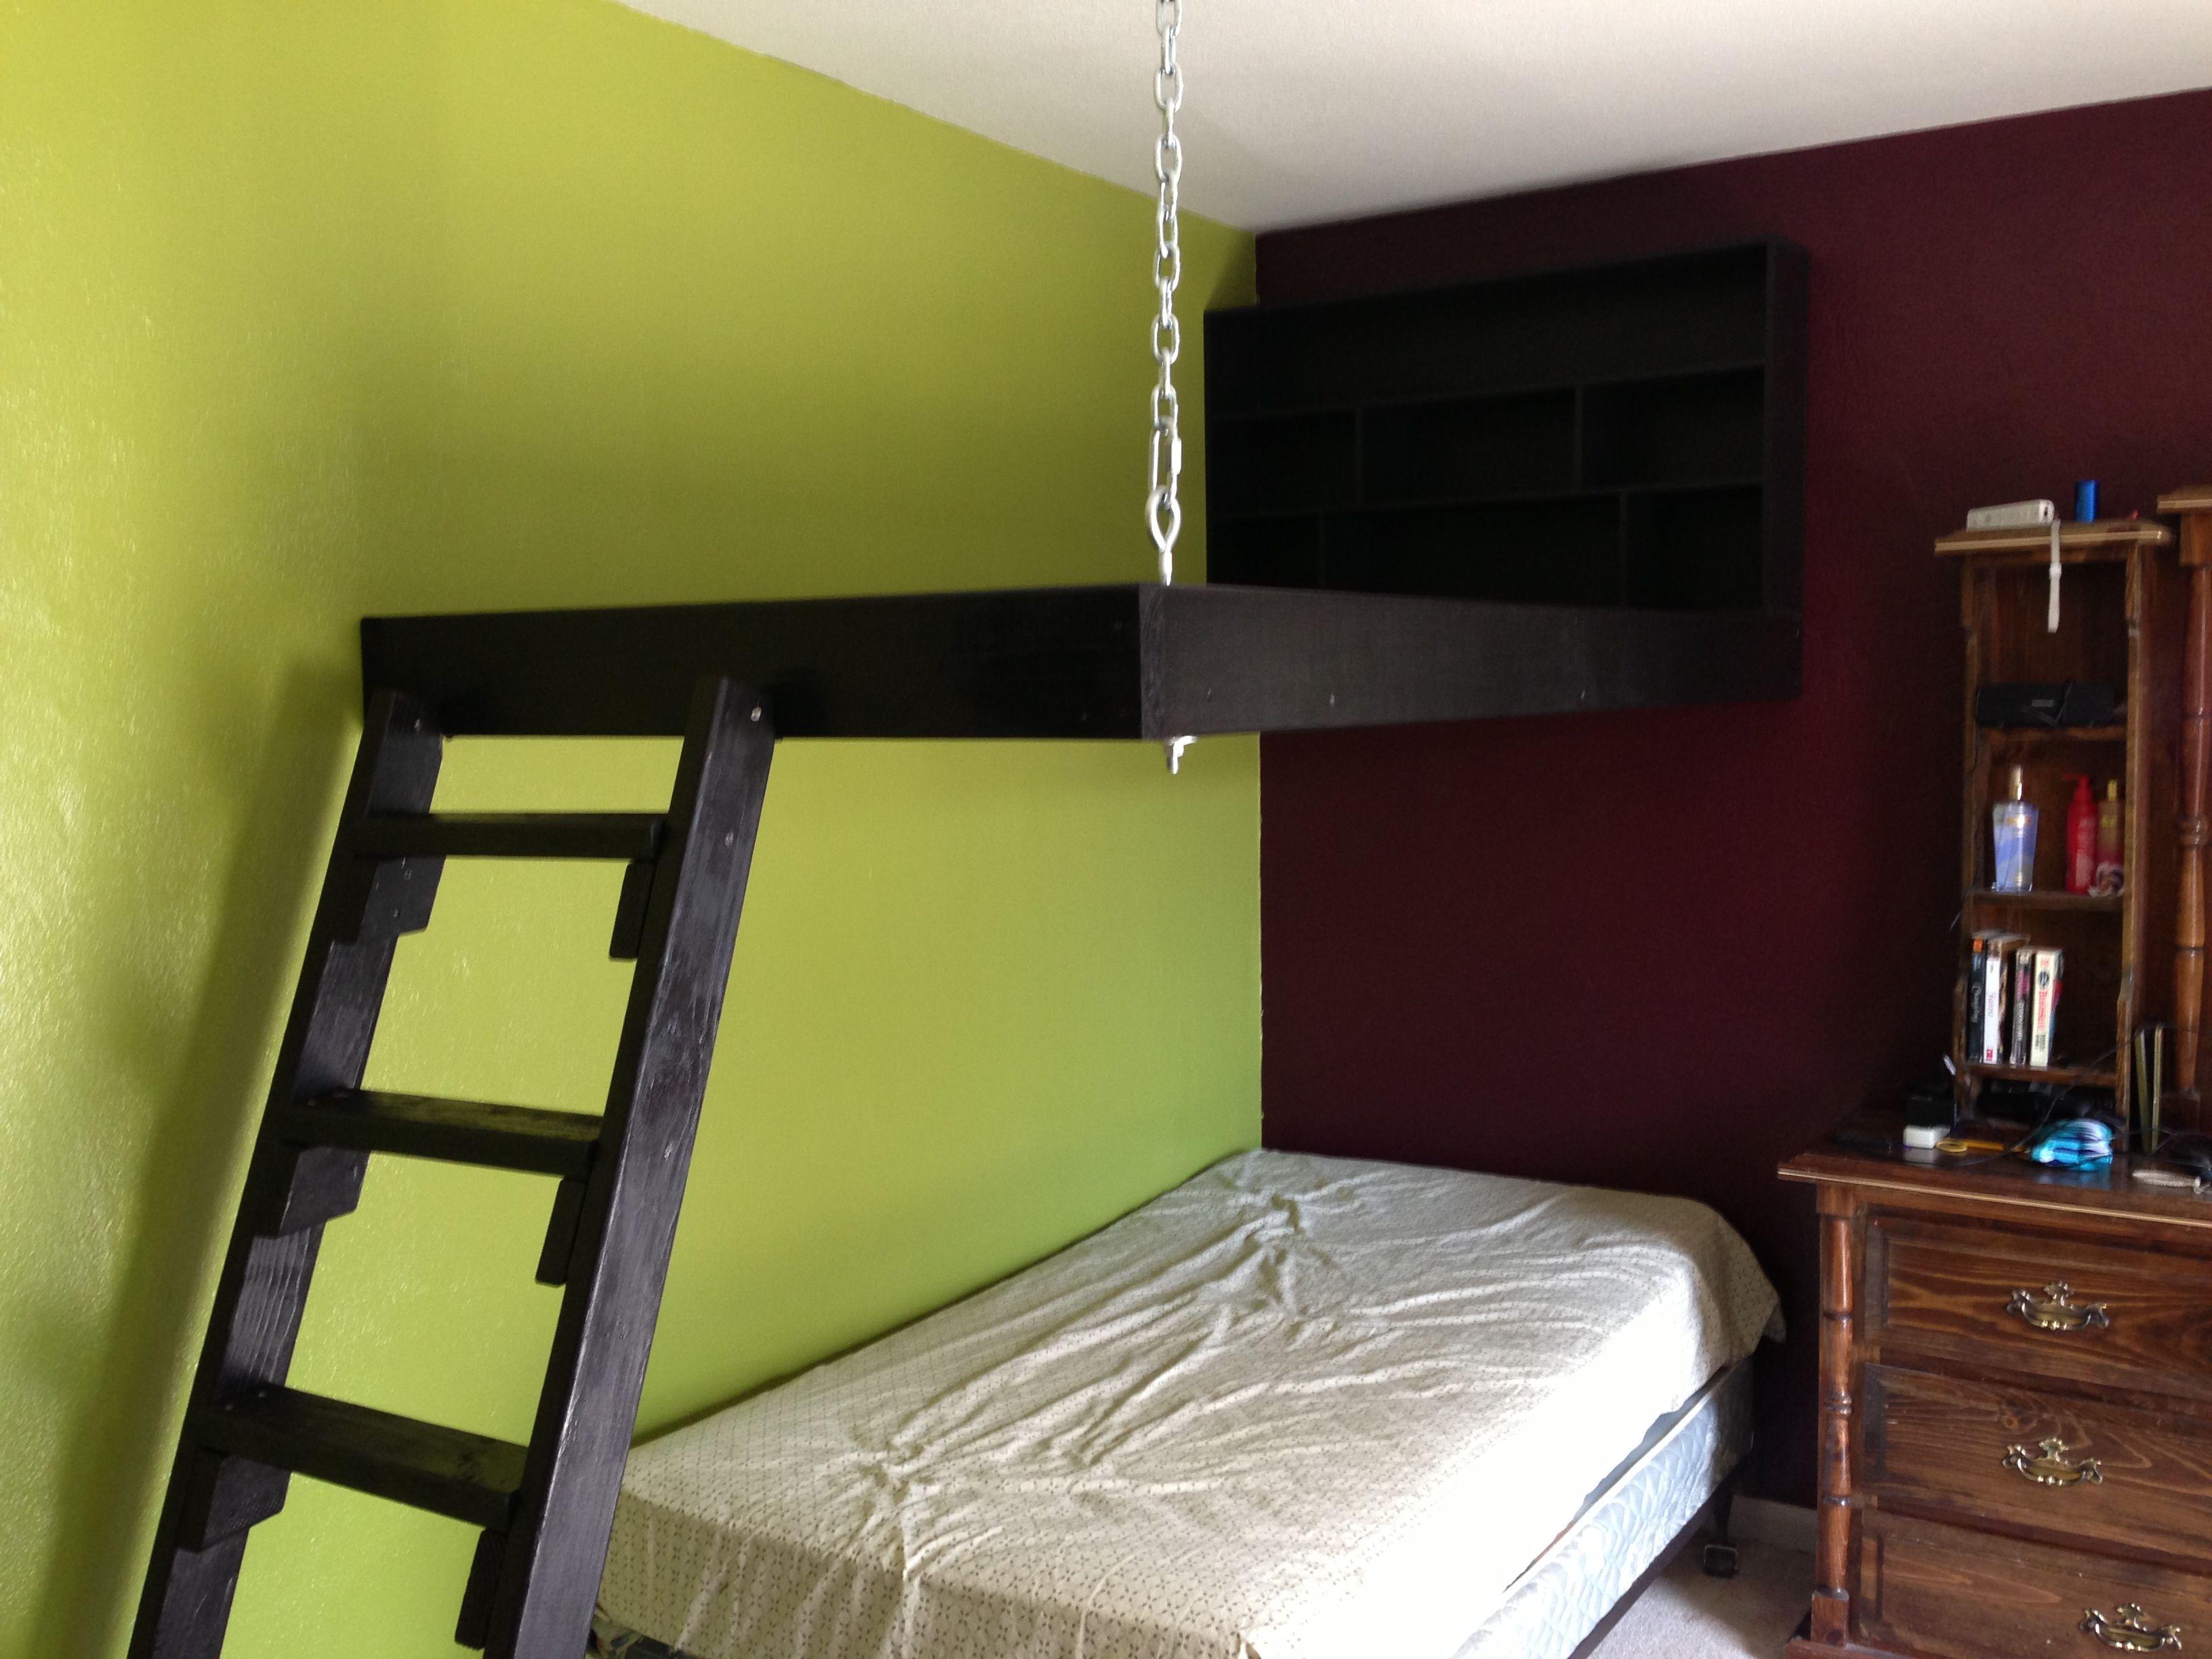 Pin By Debra Anderson On Loft Bed Loft Bed Frame Kid Room Decor Bedroom Loft